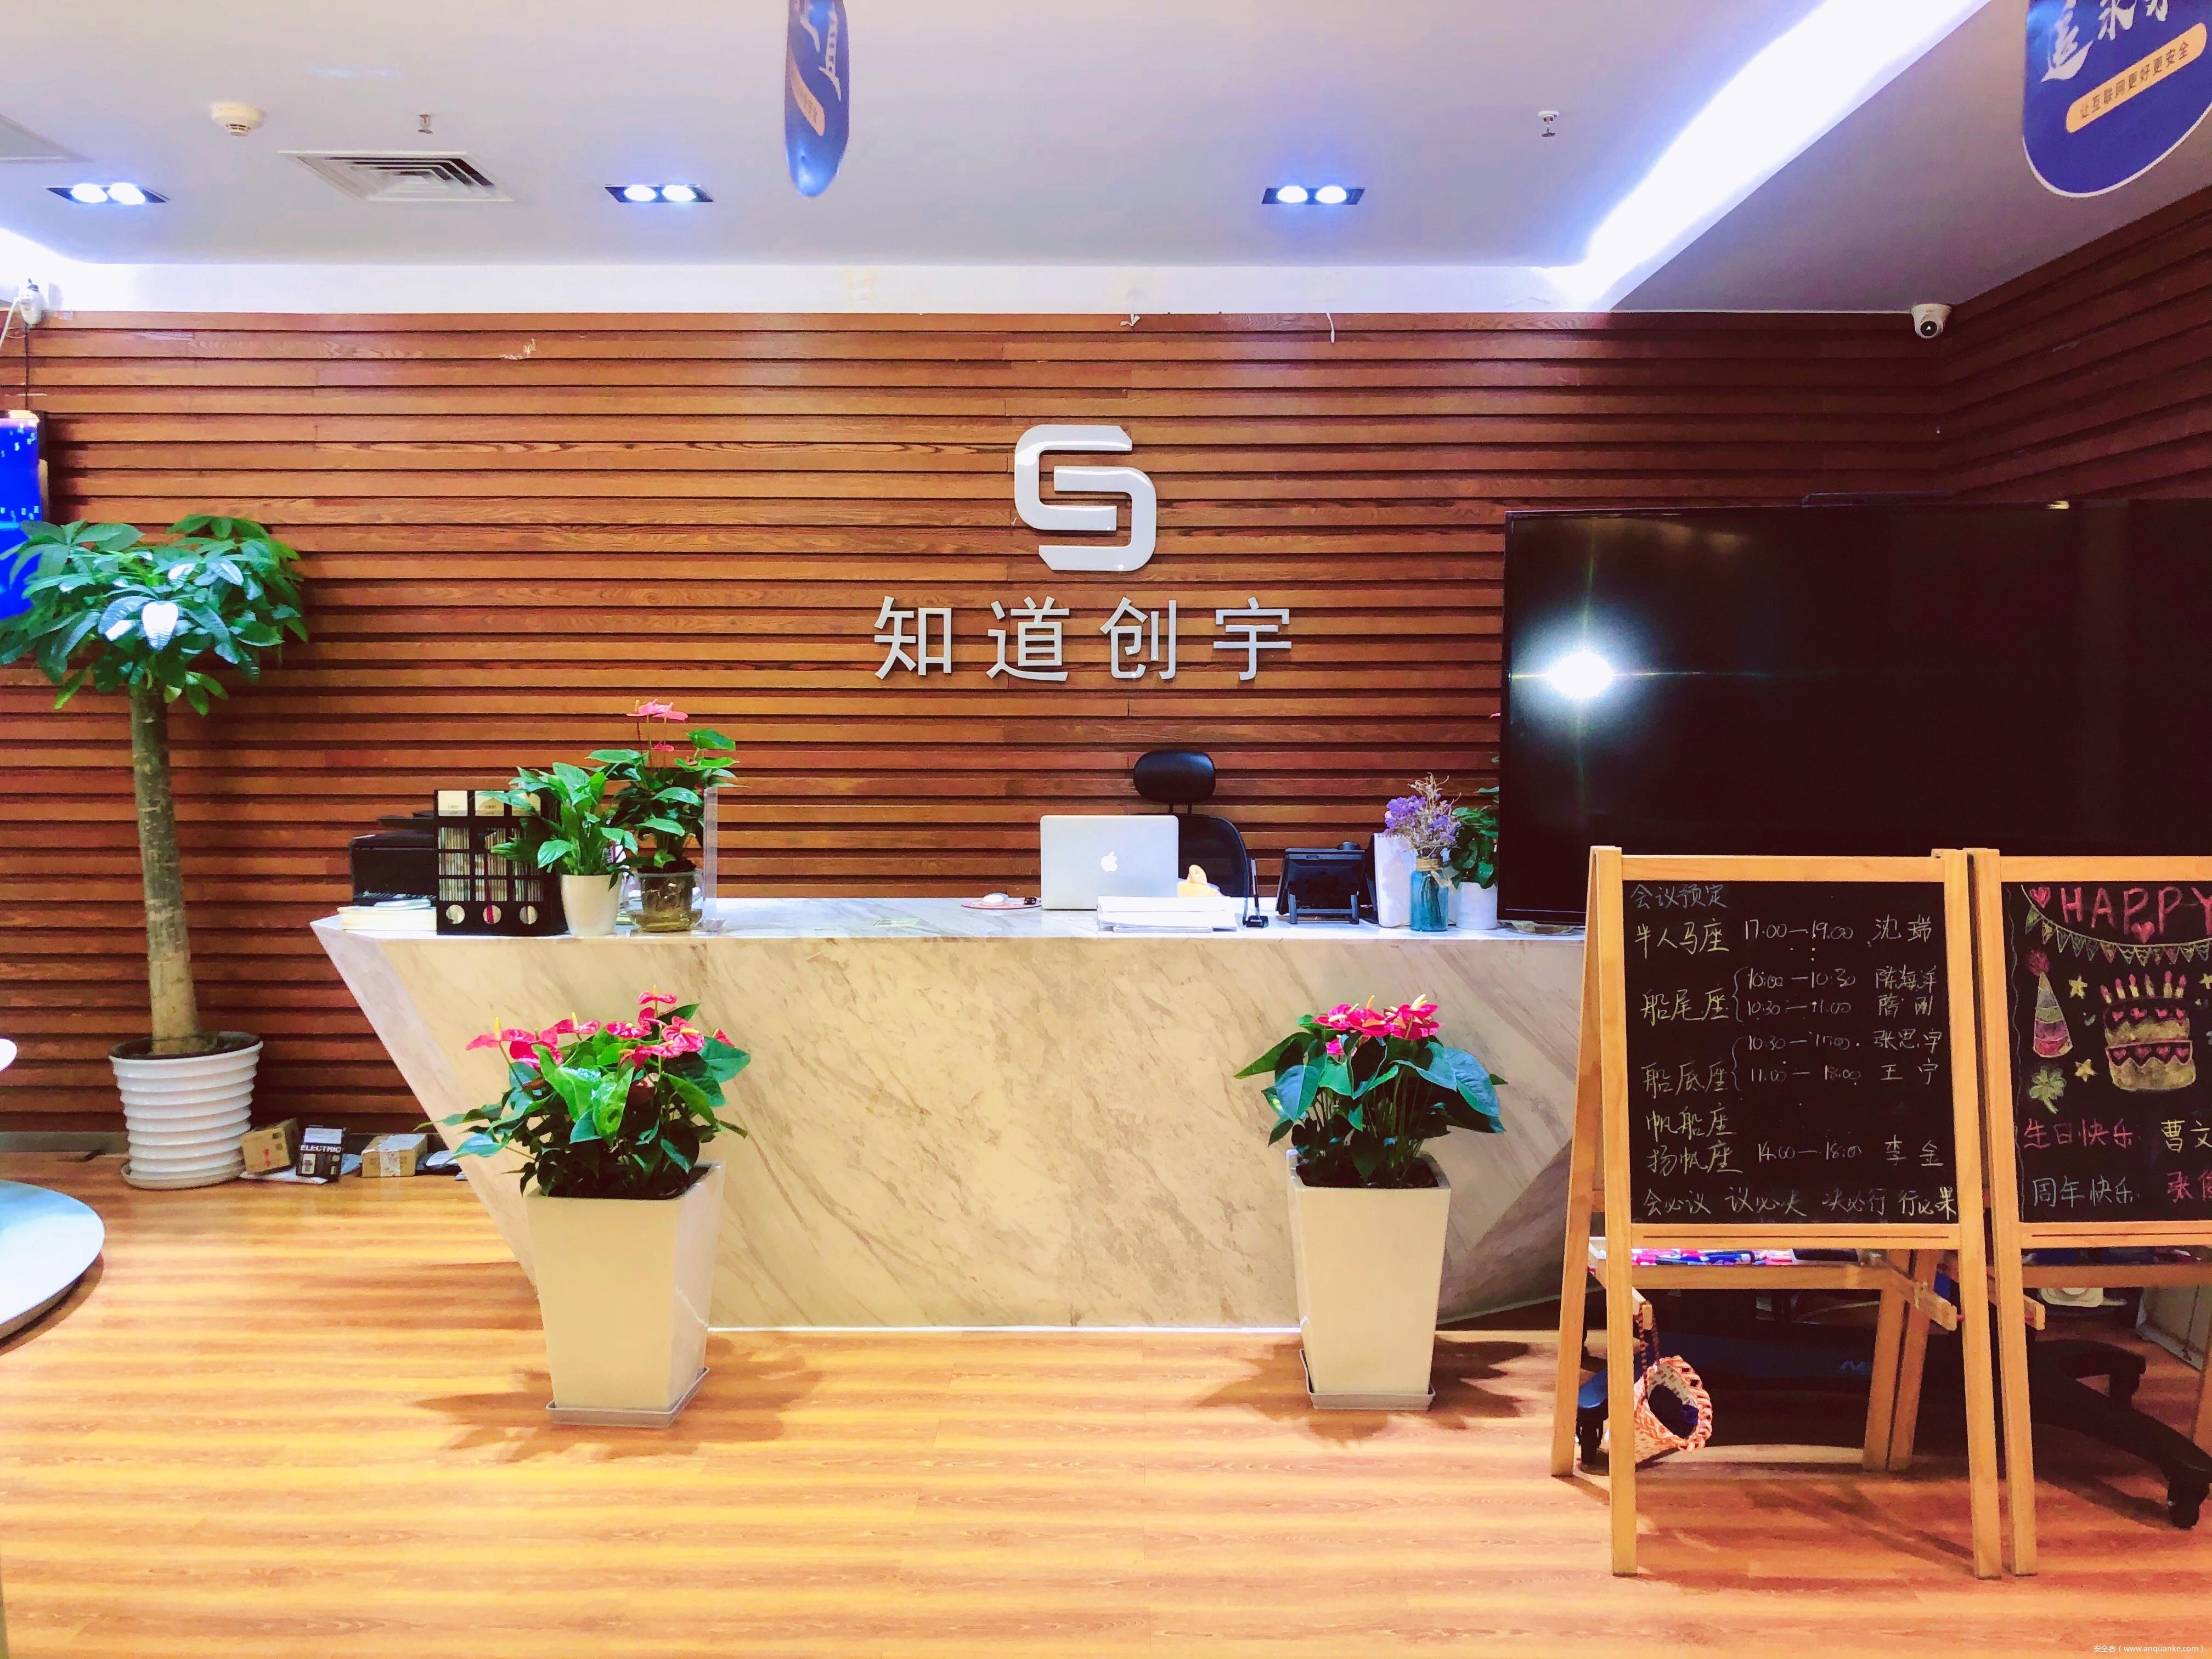 知道创宇招聘 | 北京、武汉 招聘安全研究实习生,web 方向优先